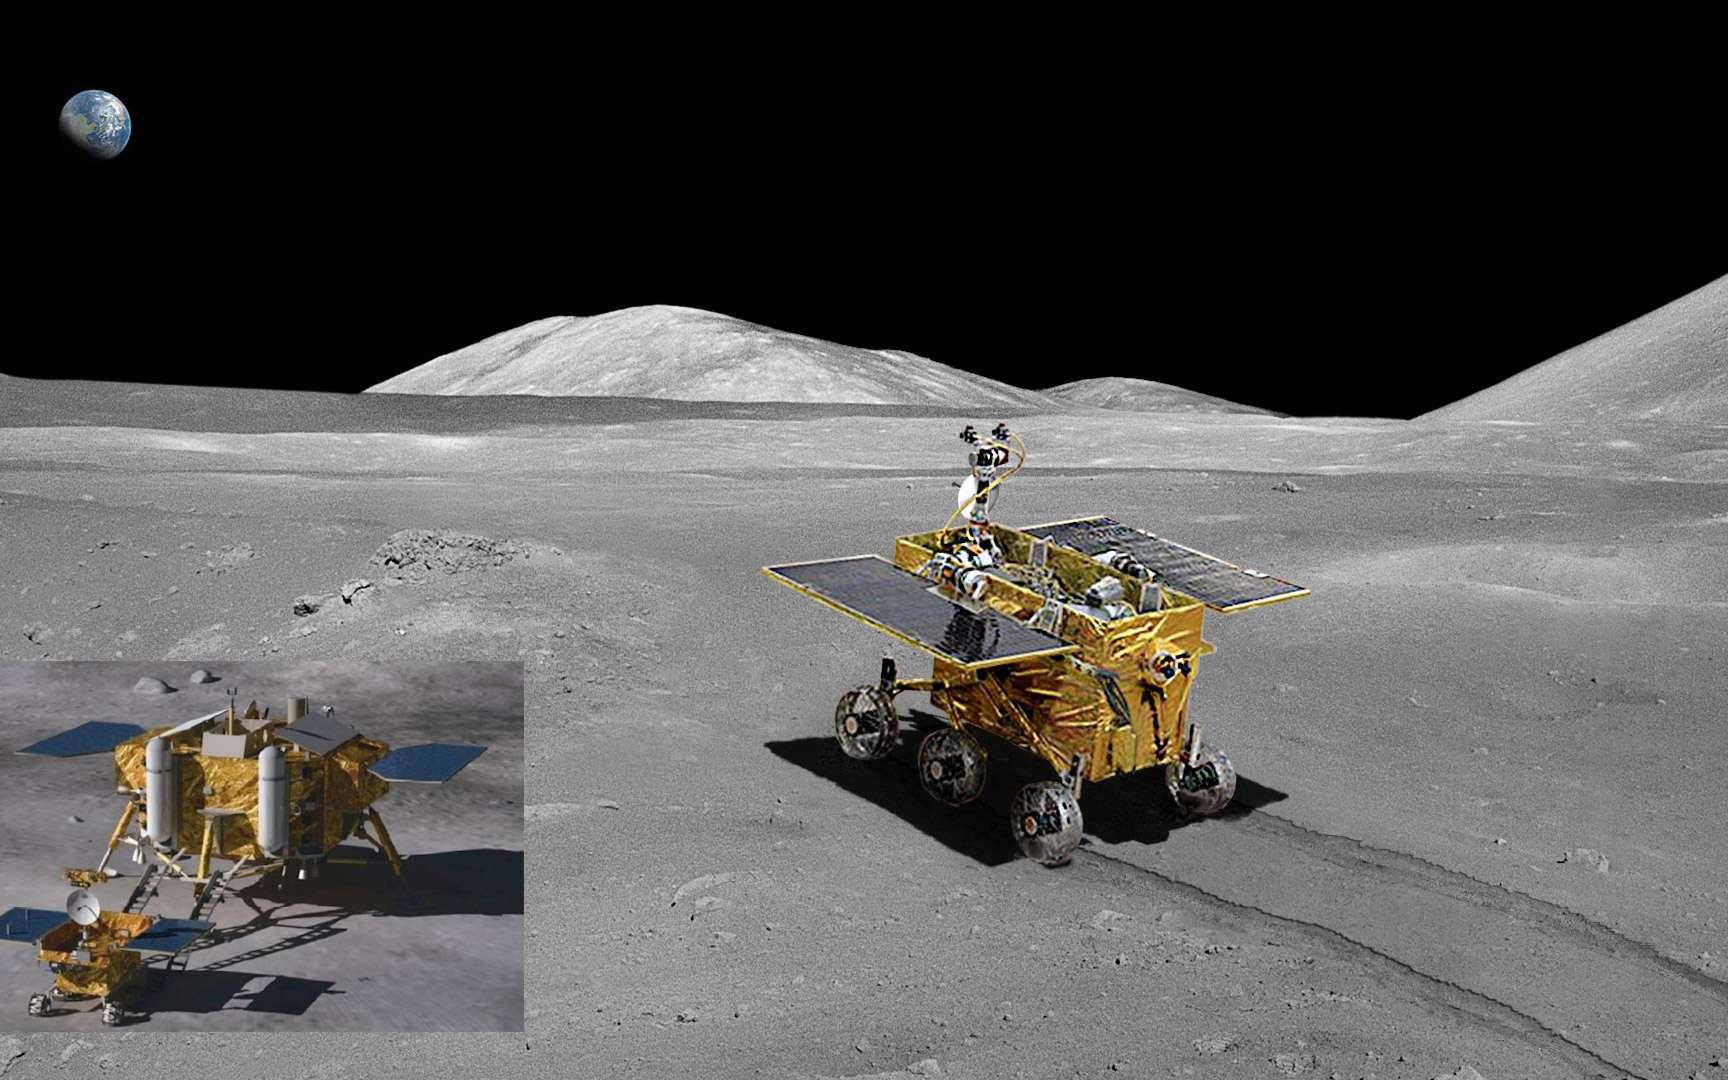 Vue d'artiste du rover Yutu et de l'atterrisseur qui le déposera sur la surface lunaire. L'atterrissage contrôlé est prévu pour le 14 décembre. © CNSA